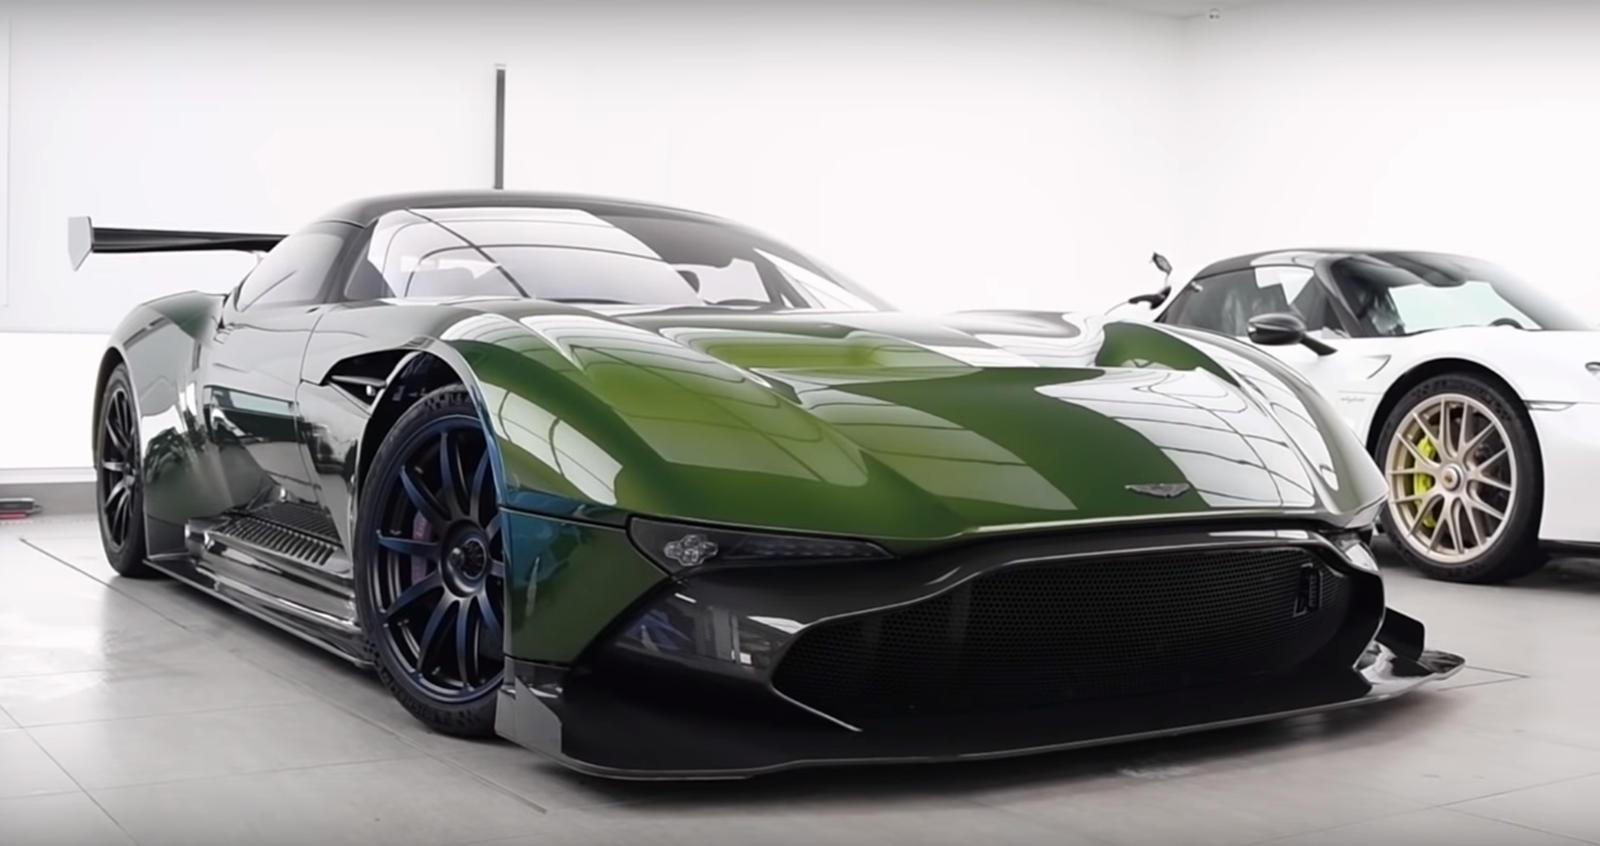 Watch A Rare Aston Martin Vulcan Get Bespoke Paint Job Carbuzz